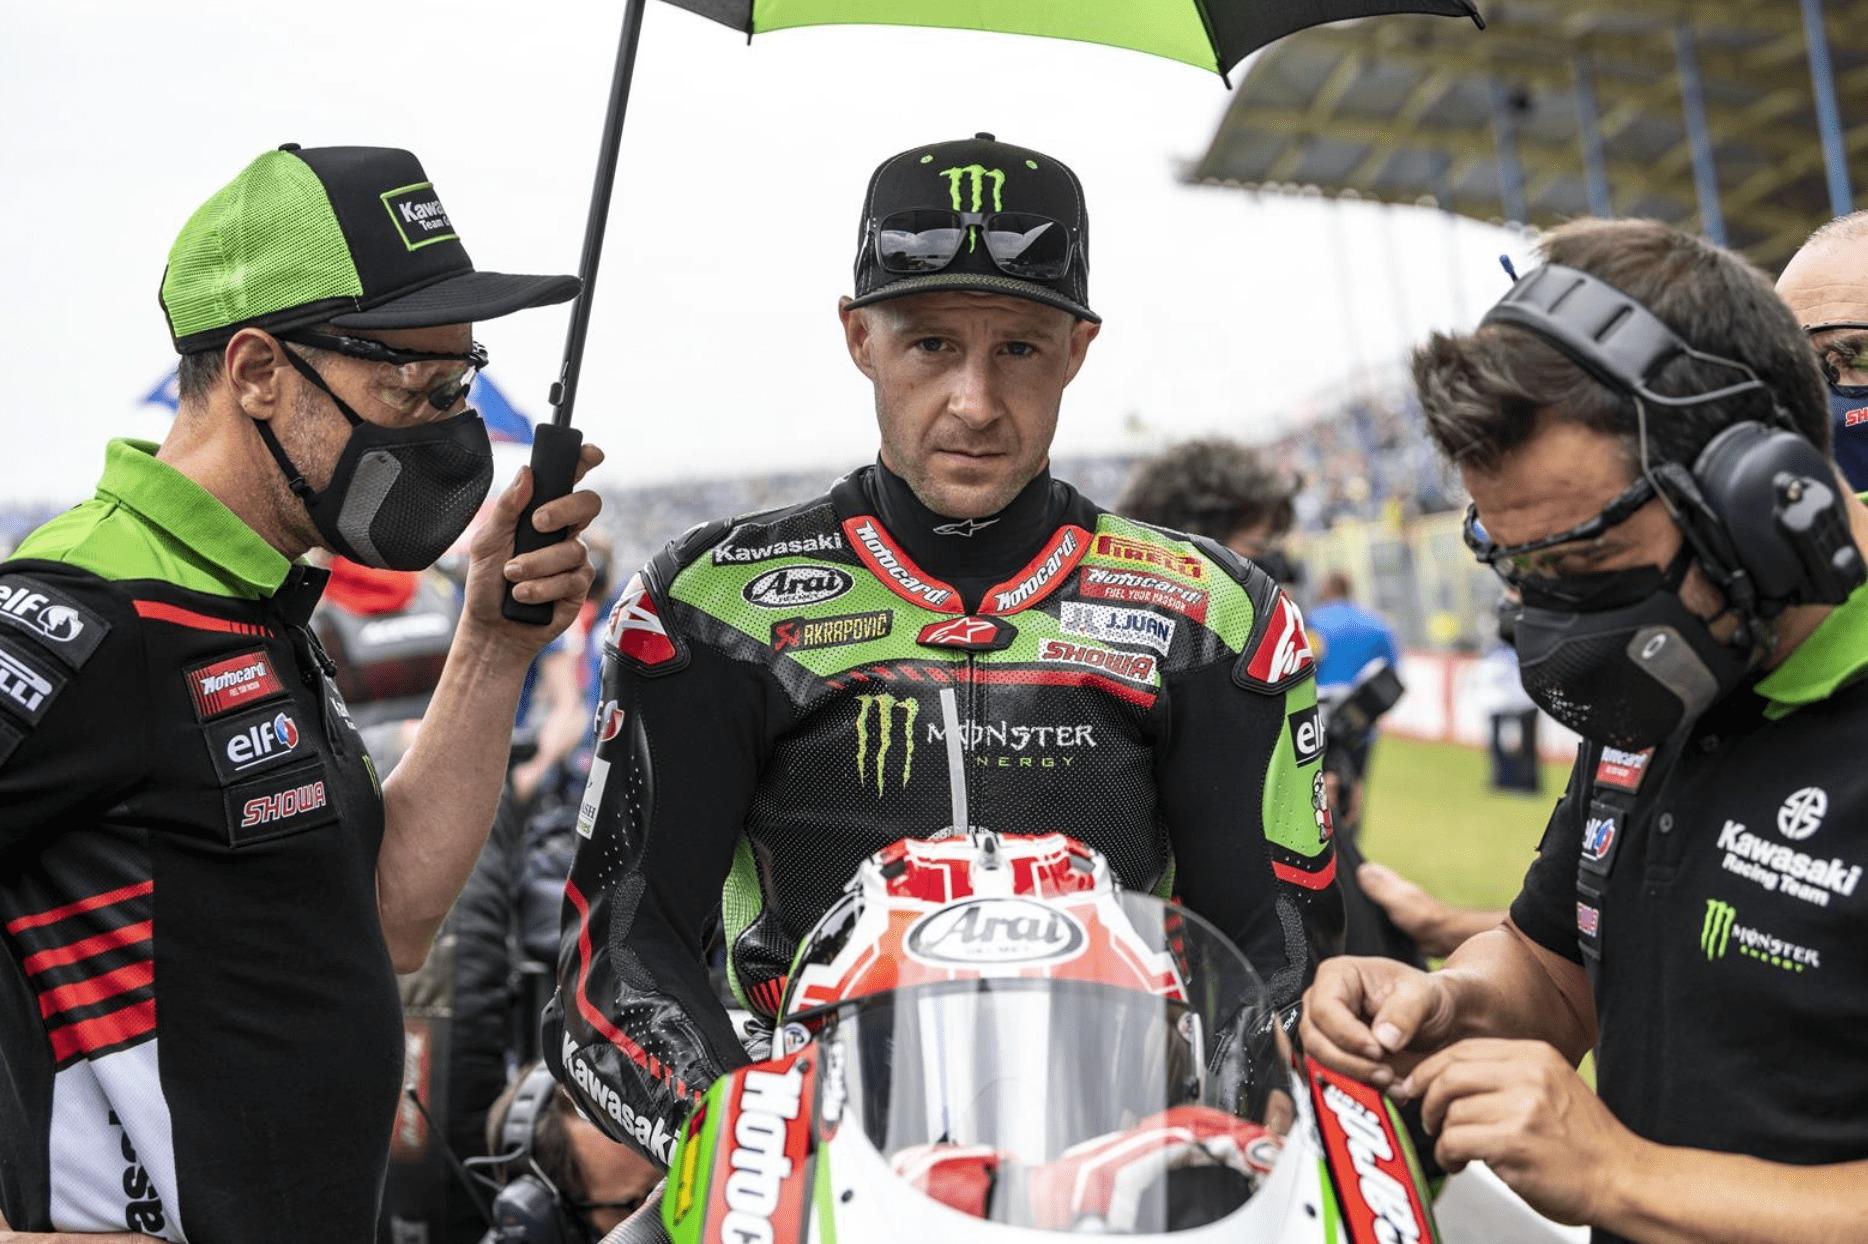 ジョナサン・レイ「MotoGPで走る可能性は常に考えている」